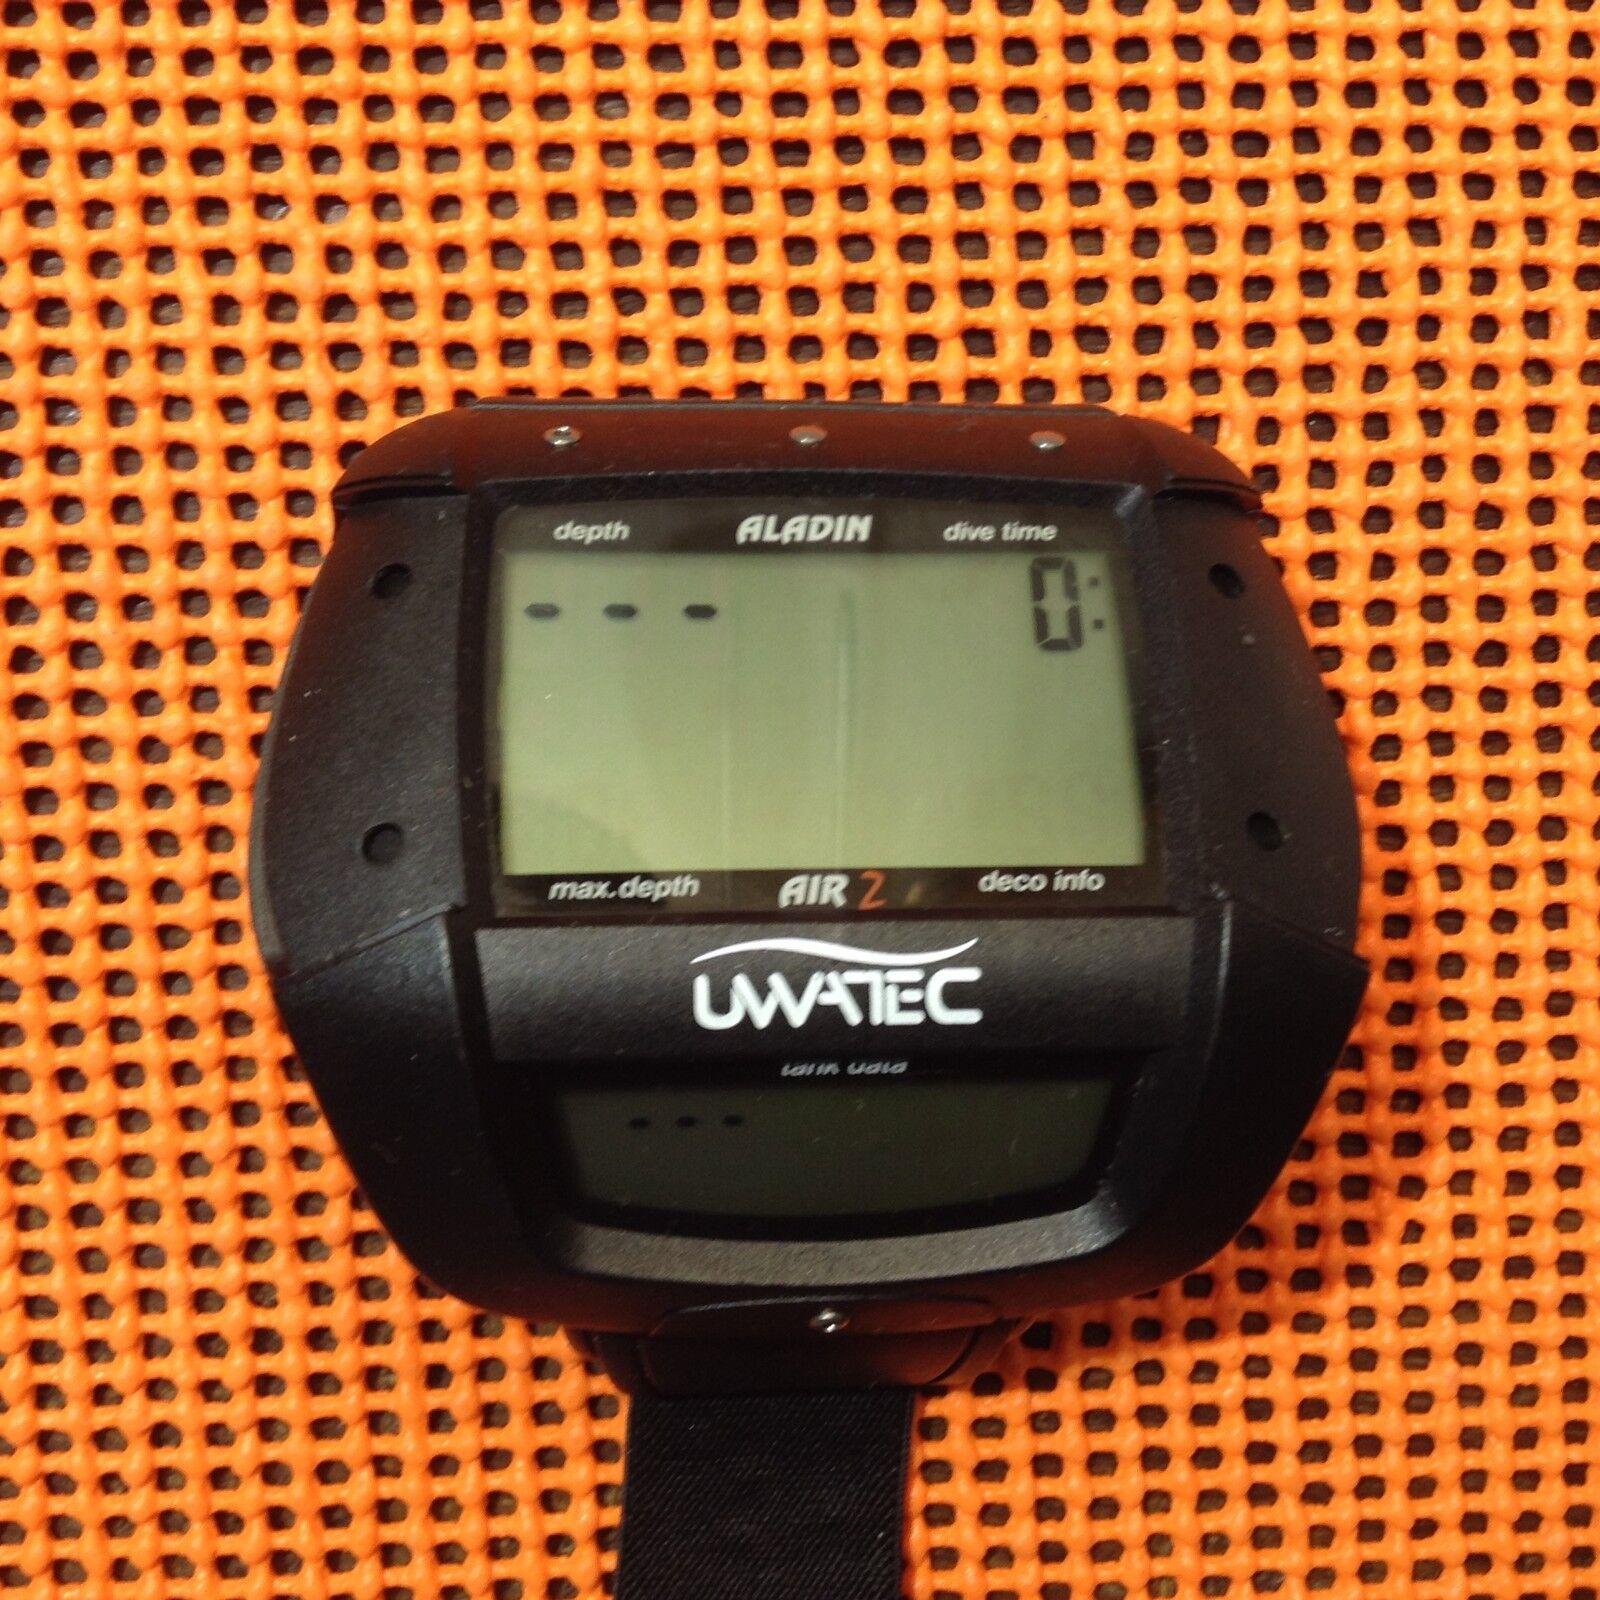 Batteriewechsel Erneuerung der Batterie für Uwatec Aladin Air Z   Nitrox   O²